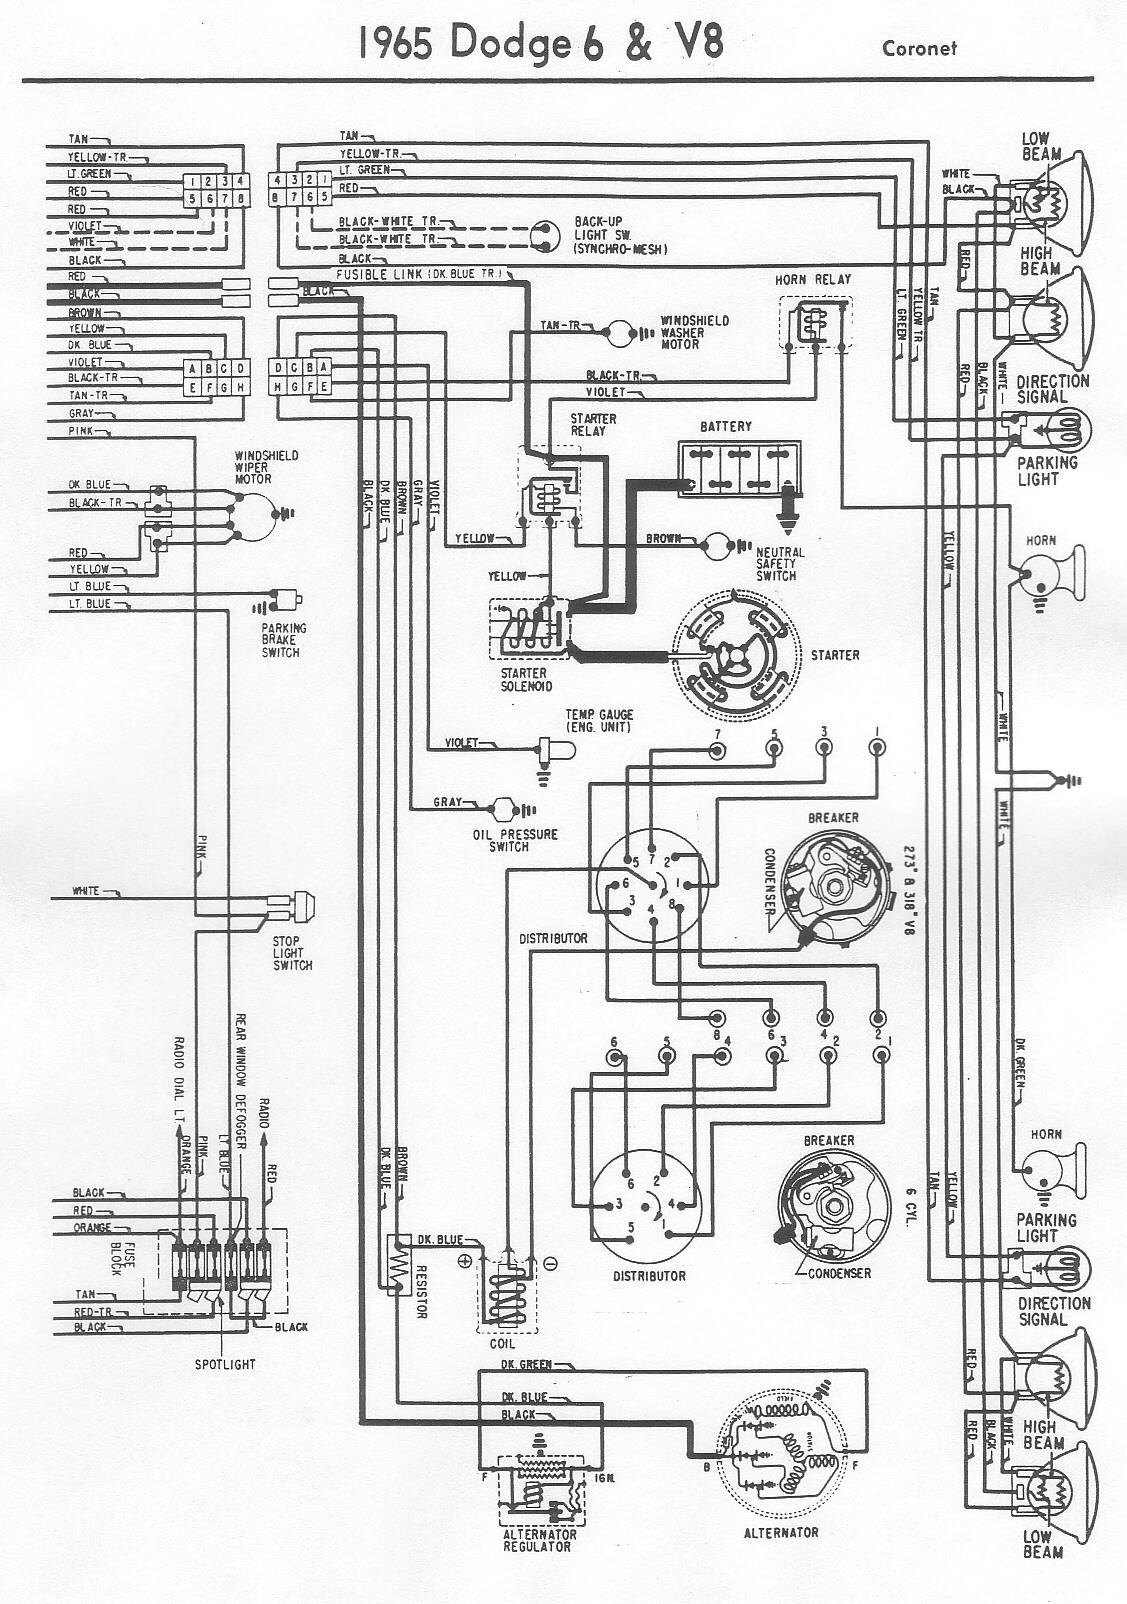 1967 dodge alternator wiring wiring diagrams source67 dodge ignition wiring diagram automotive wiring diagrams dodge caravan [ 1127 x 1604 Pixel ]